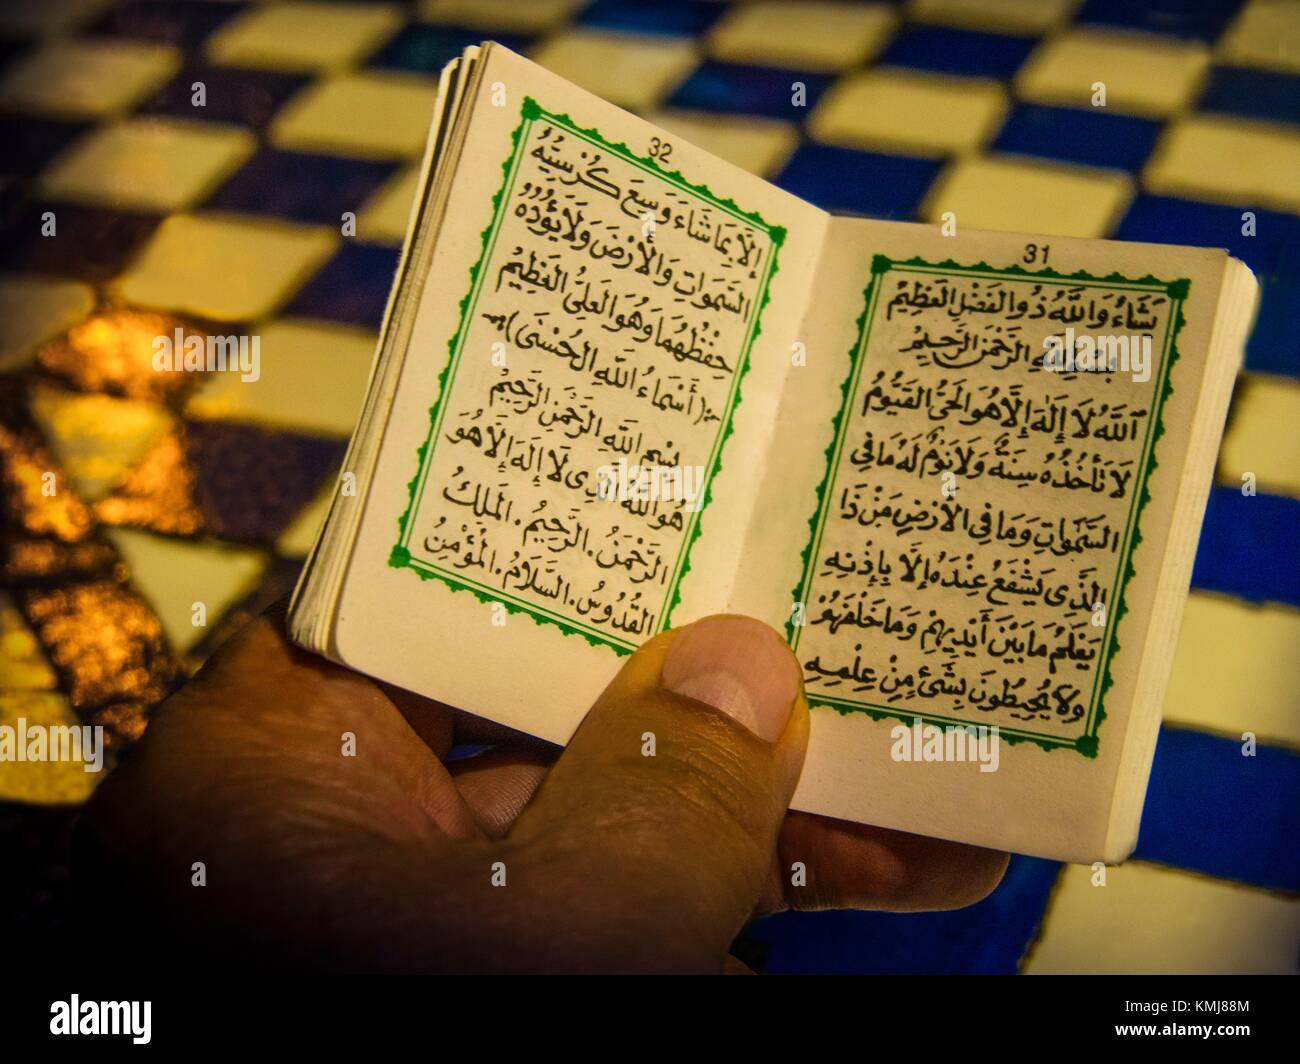 Maroc, Fès, livre de poche religieux pour protéger contre l''oeil mauvais',... Photo Stock